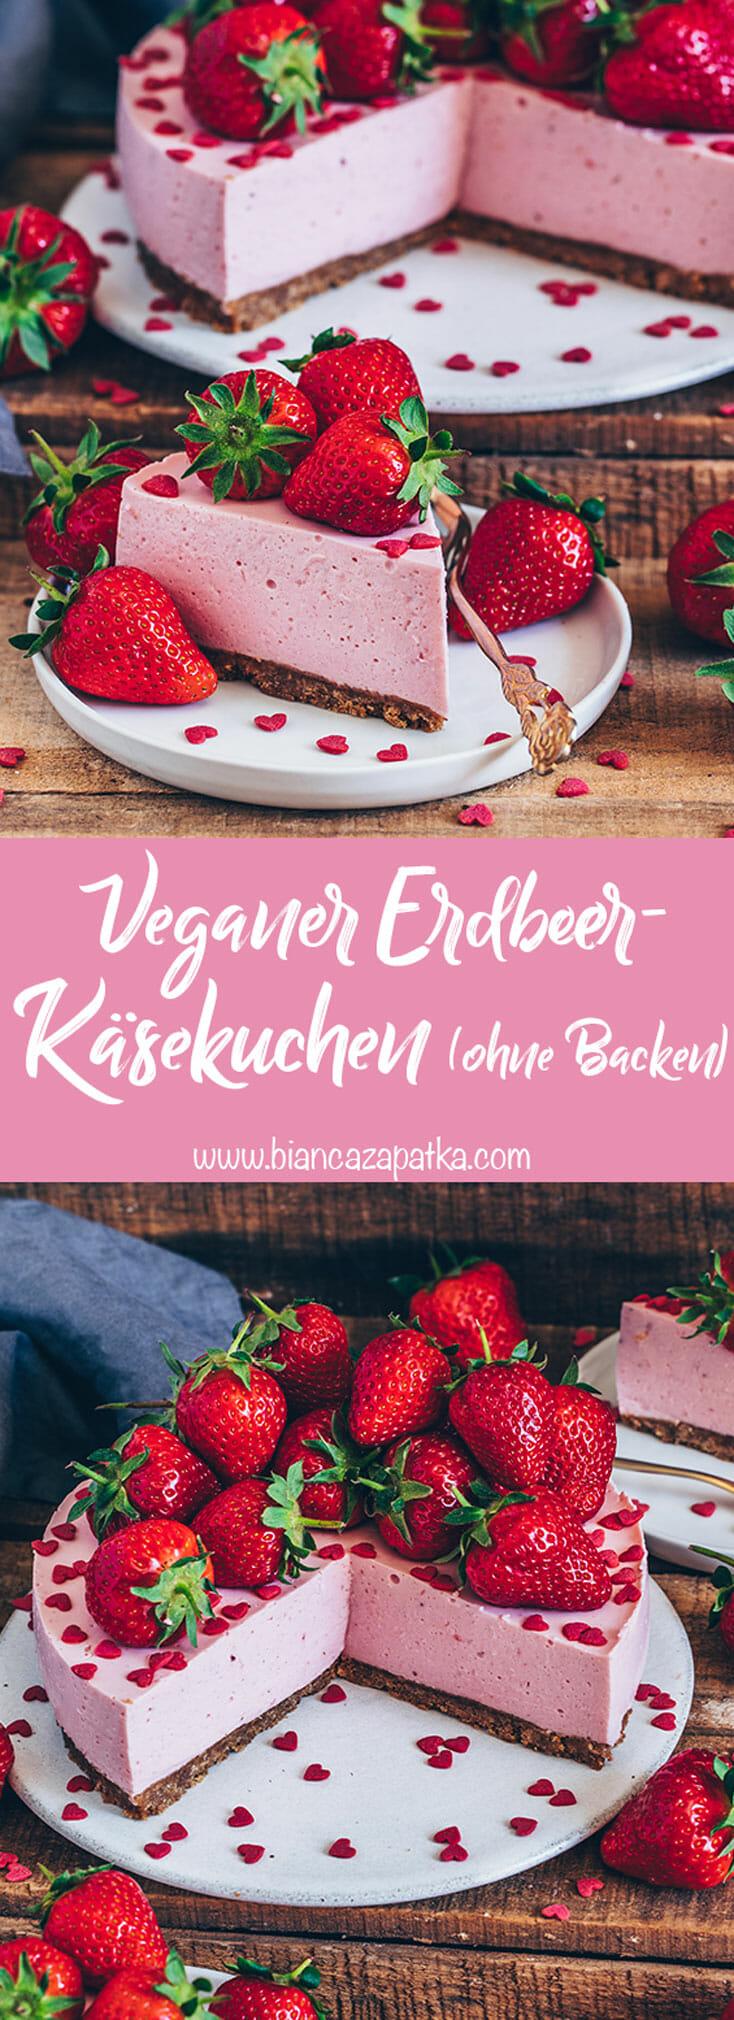 Erdbeeren-Käsekuchen (Joghurt-Torte ohne Backen)